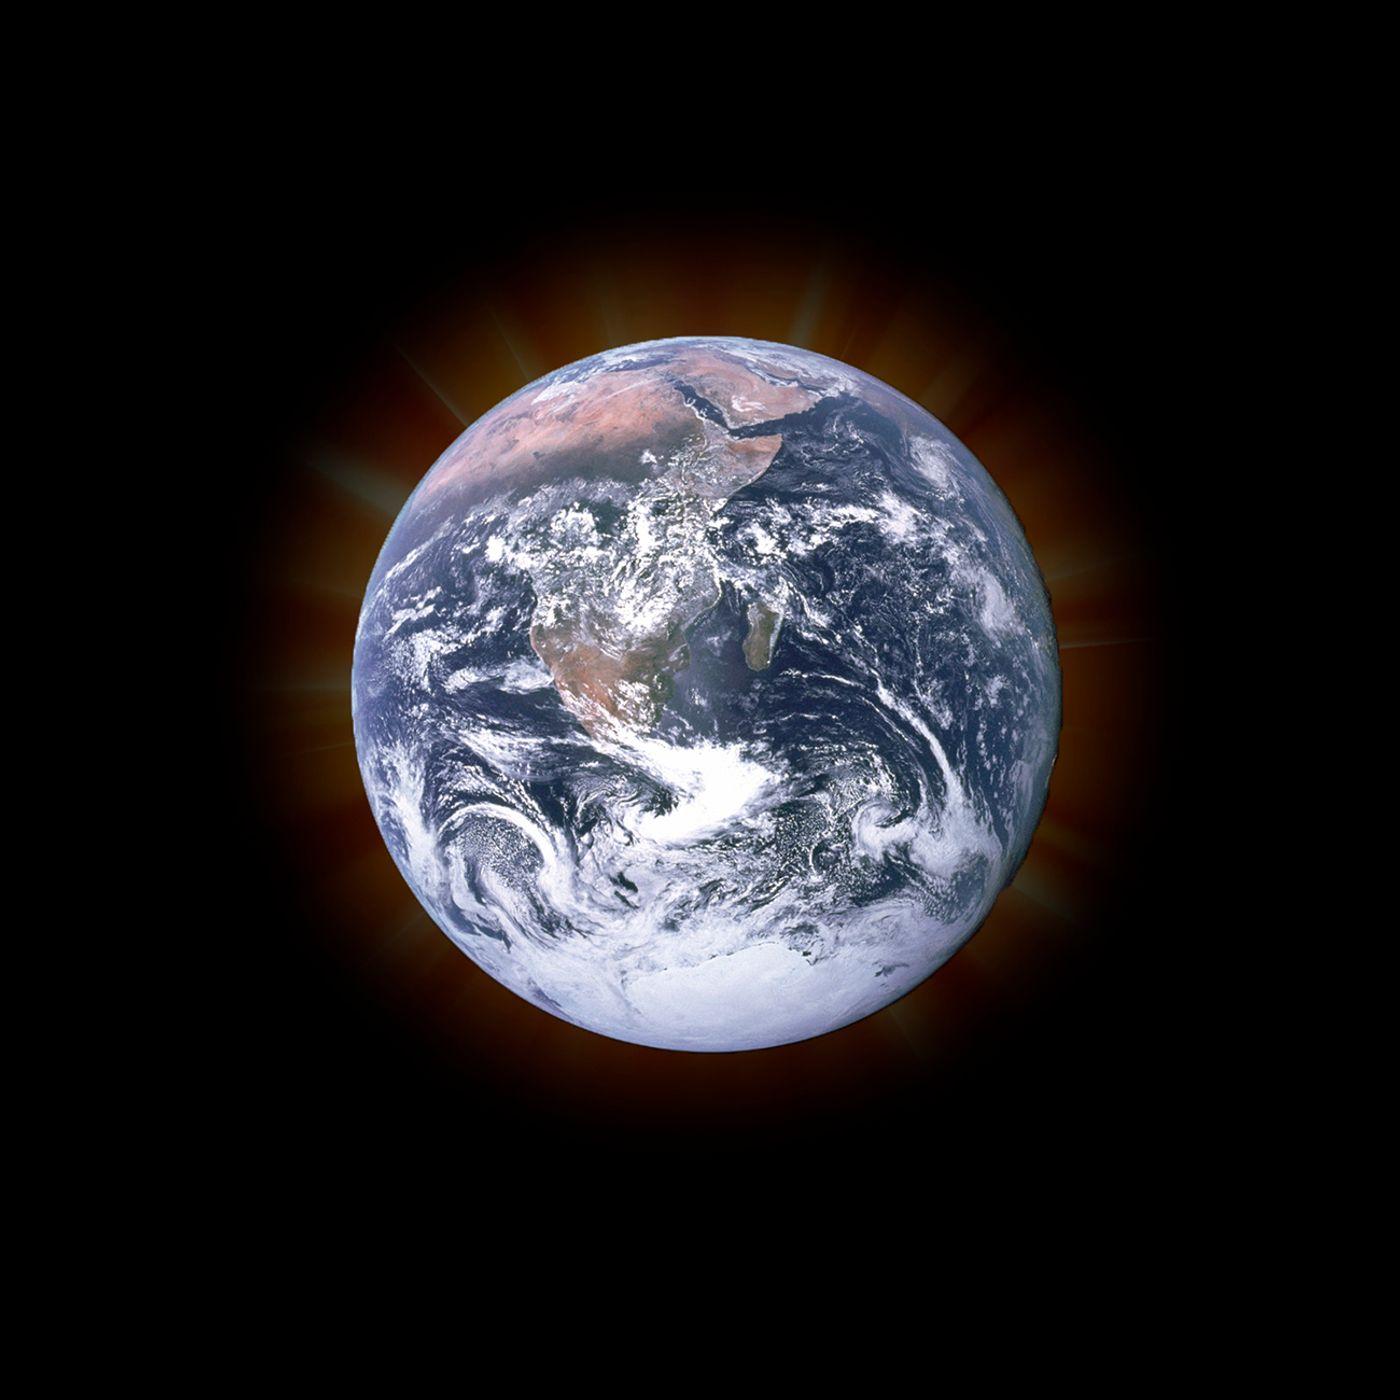 #39 - Lyserød sky eller ny jord?